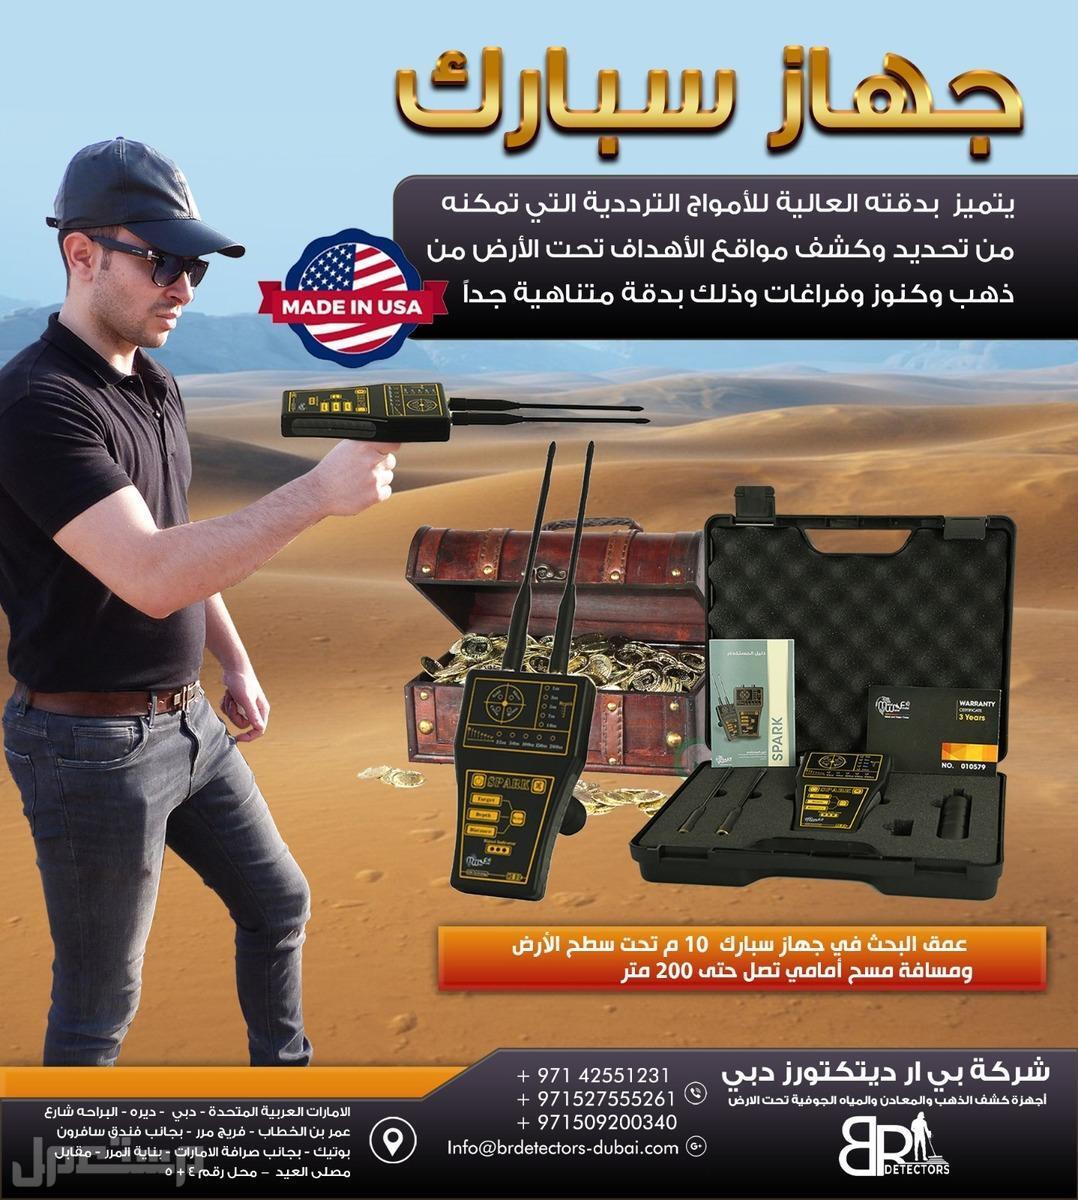 جهاز كشف الذهب في العراق سبارك SPARK جهاز كشف الذهب في العراق سبارك SPARK